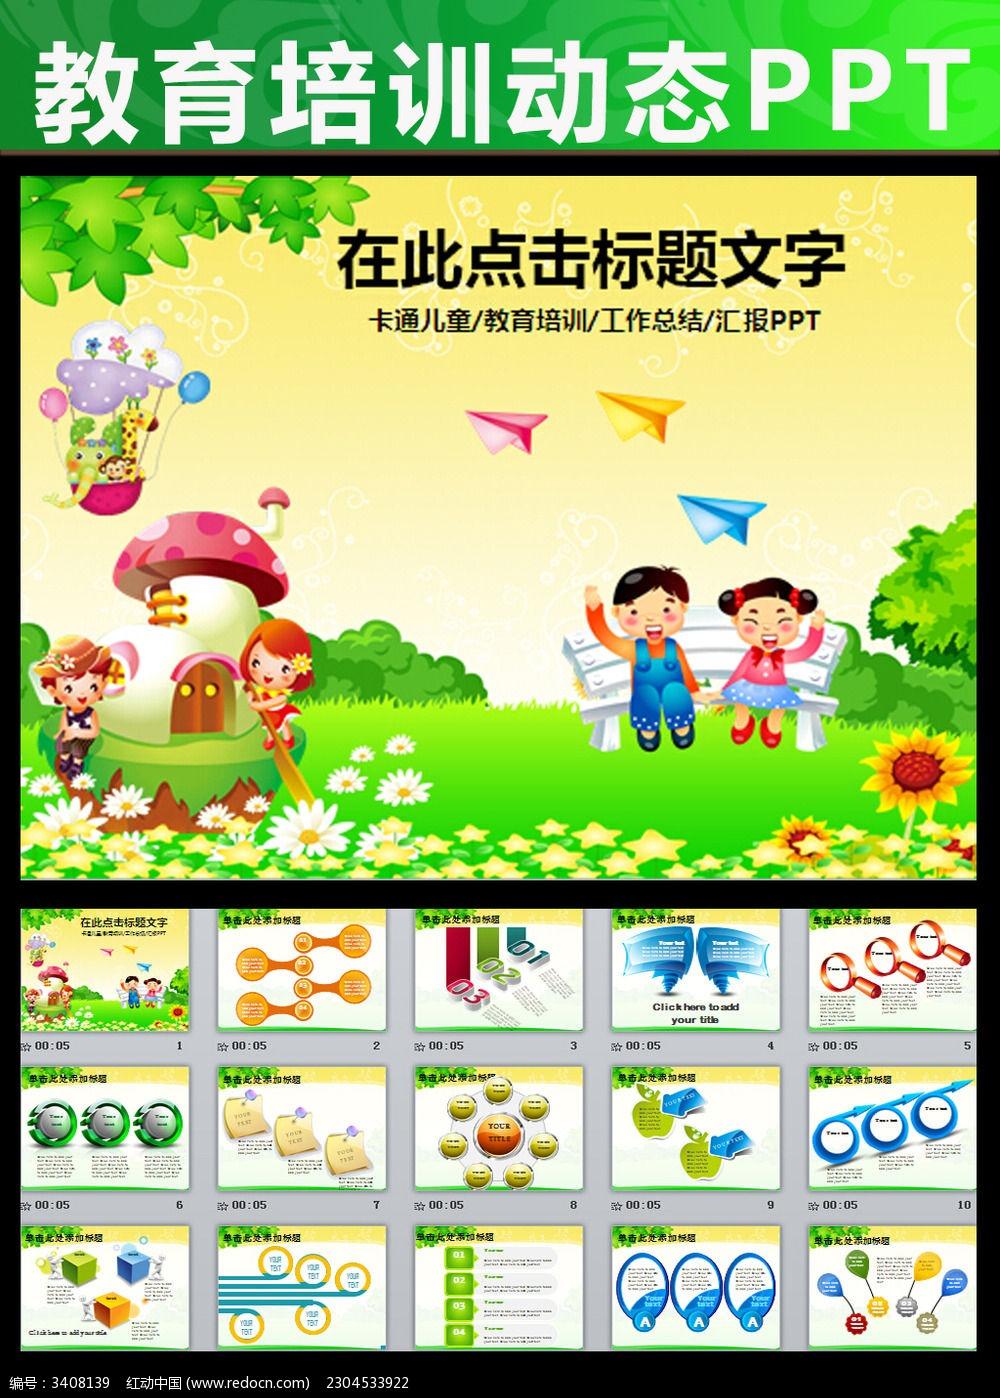 标签:动态PPT 学校教育PPT 儿童幼儿教育PPT 教学卡通PPT模板